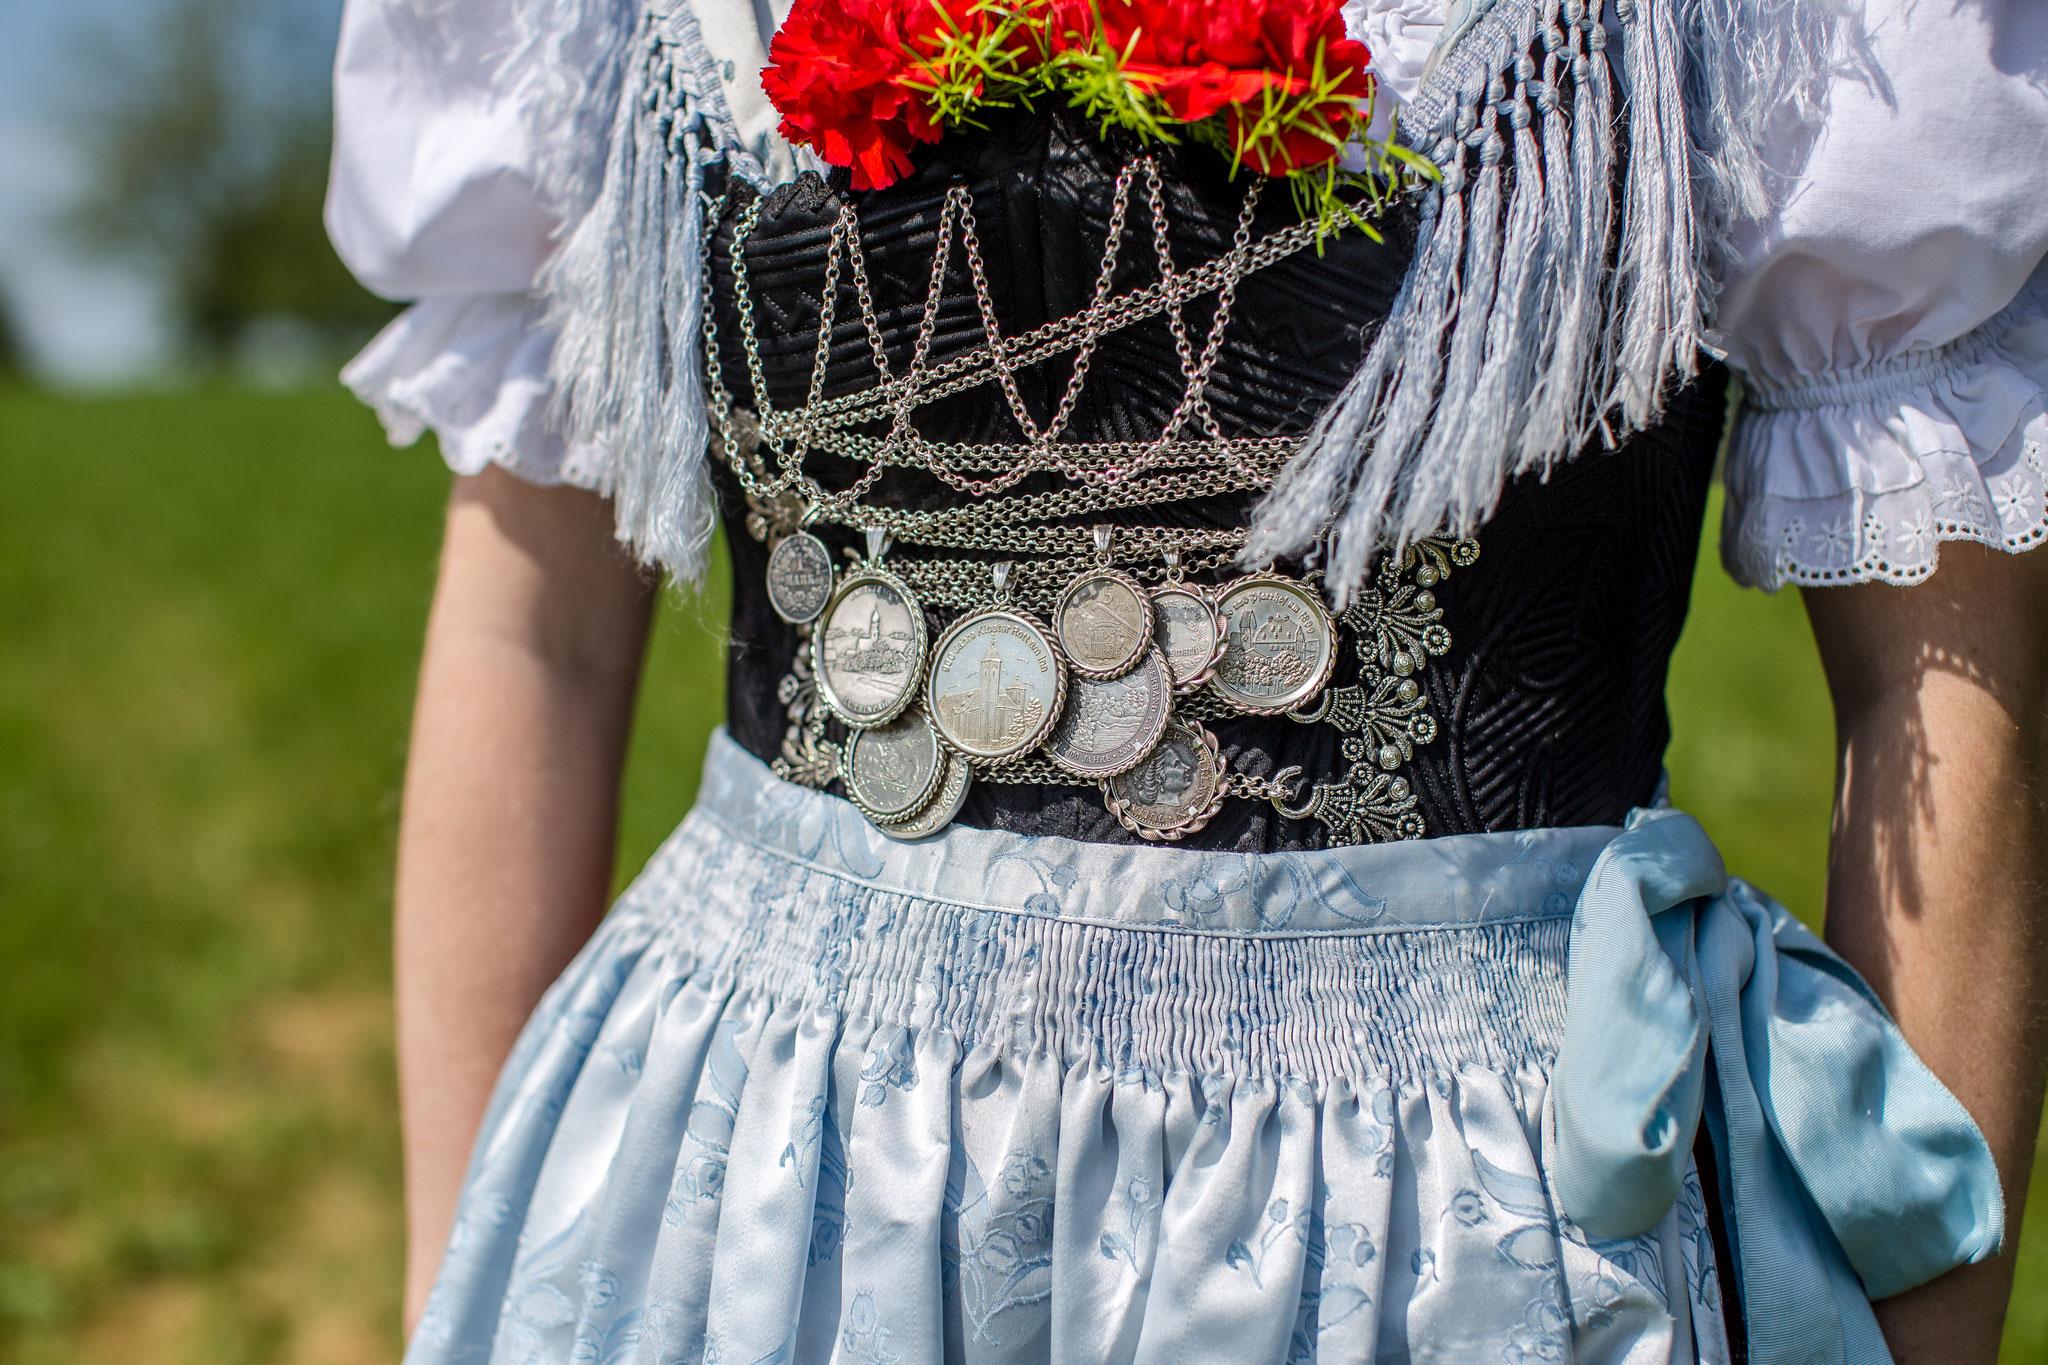 Aktives Dirndl D'Lindntaler Lauterbach  - Fotoshooting zum Gaufest 2018 in Lauterbach